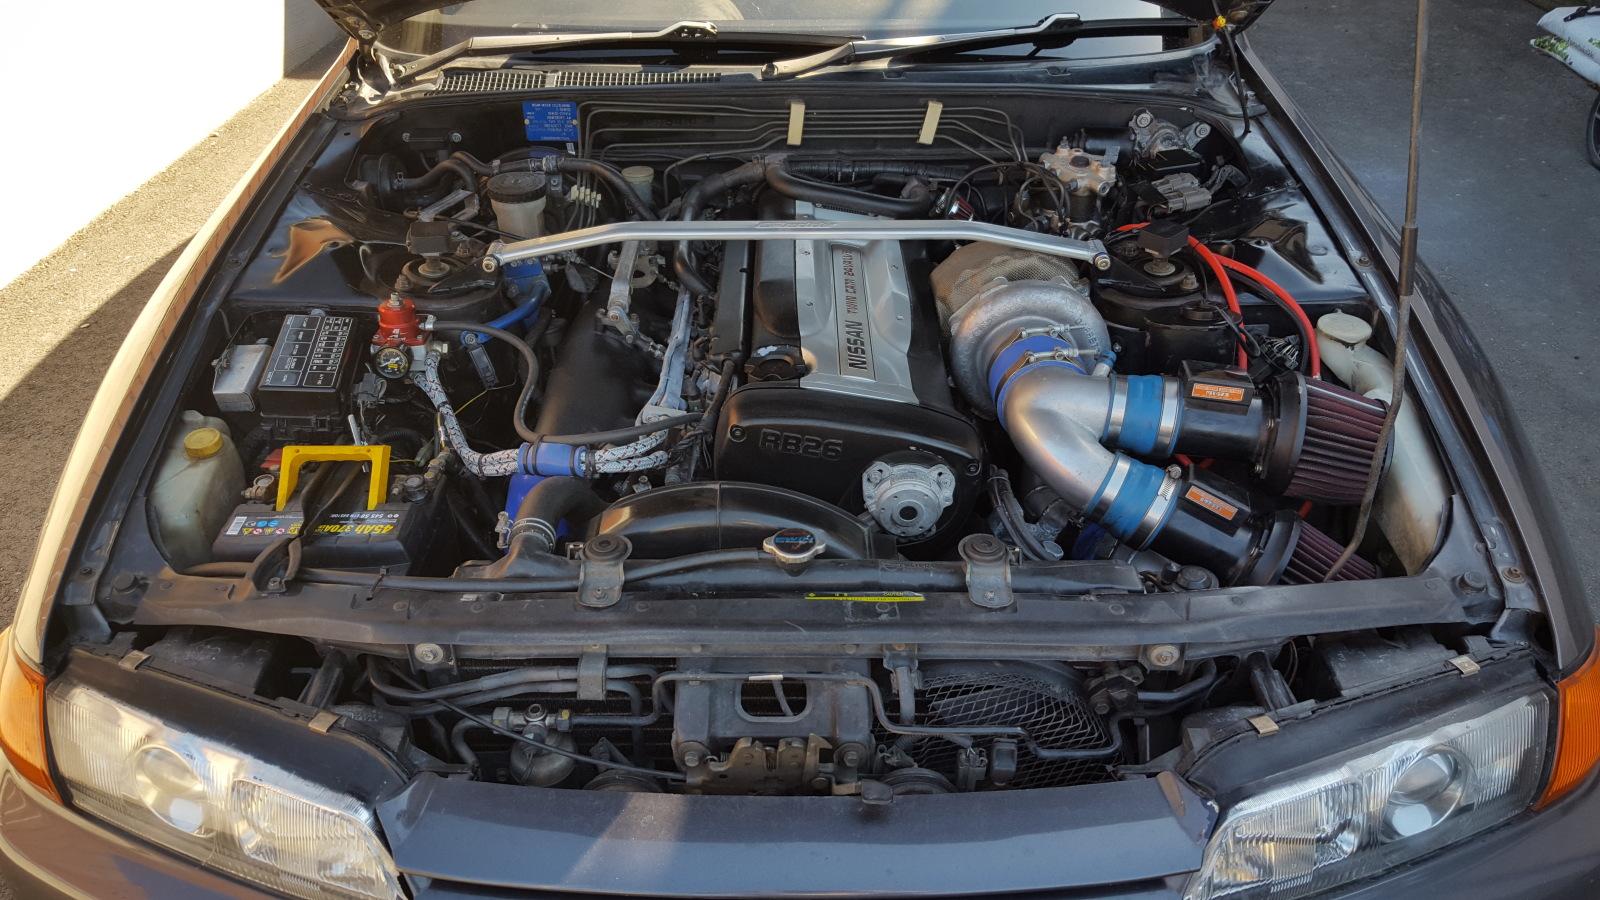 Tontza: Ford Focus bagged // Rocketbunny Skyline R32 GTR (FATSUN)  - Sivu 4 J6qsjn